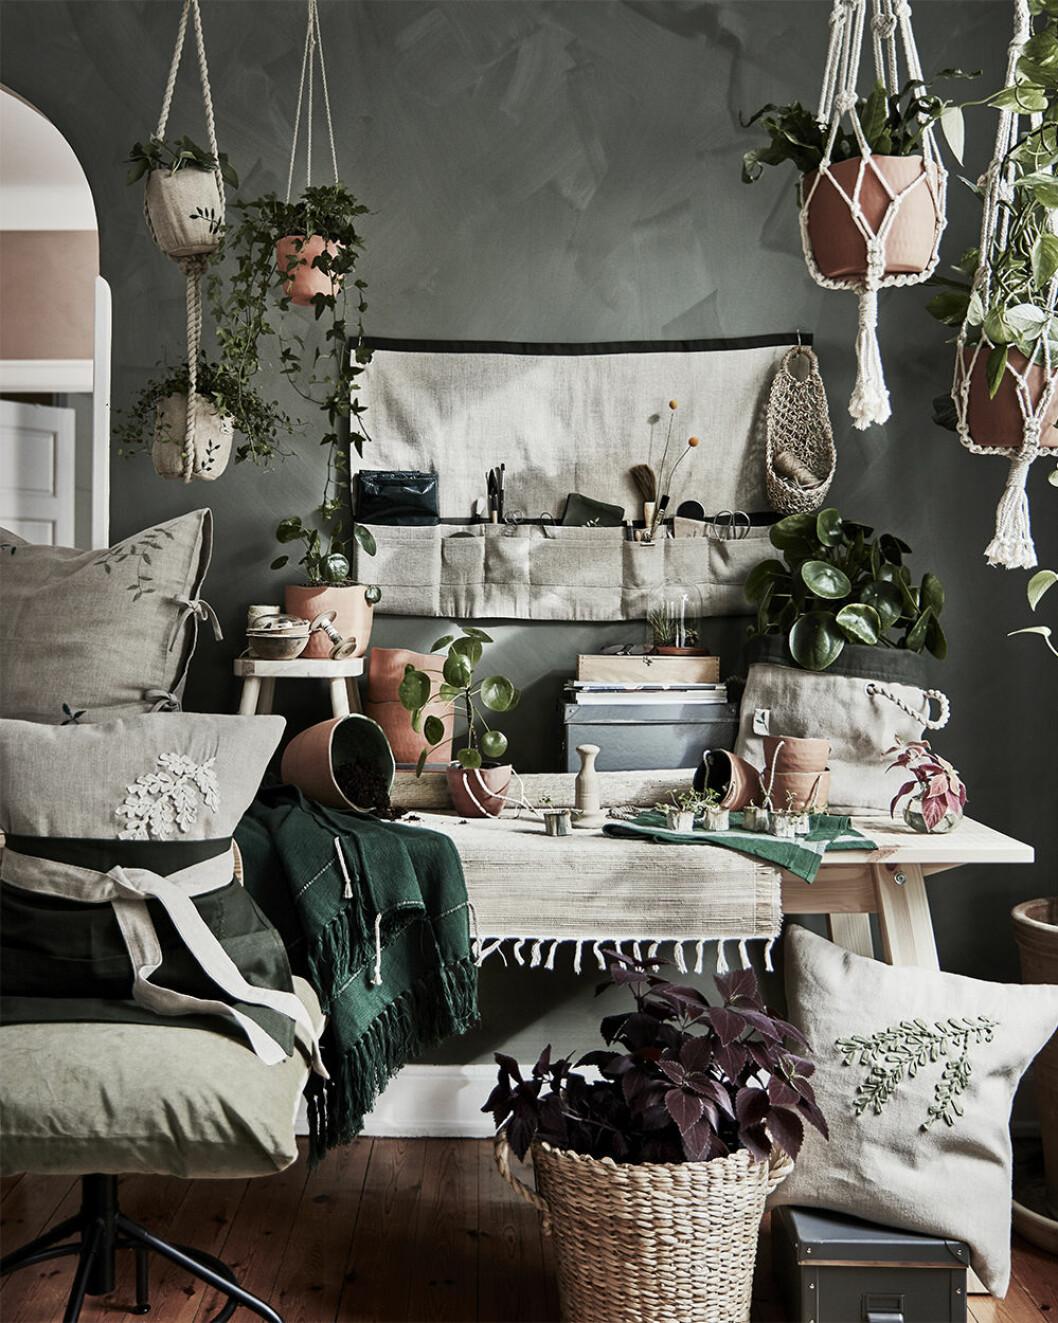 Ikea lanserar kollektionen Botanisk för enkel odling i hemmet